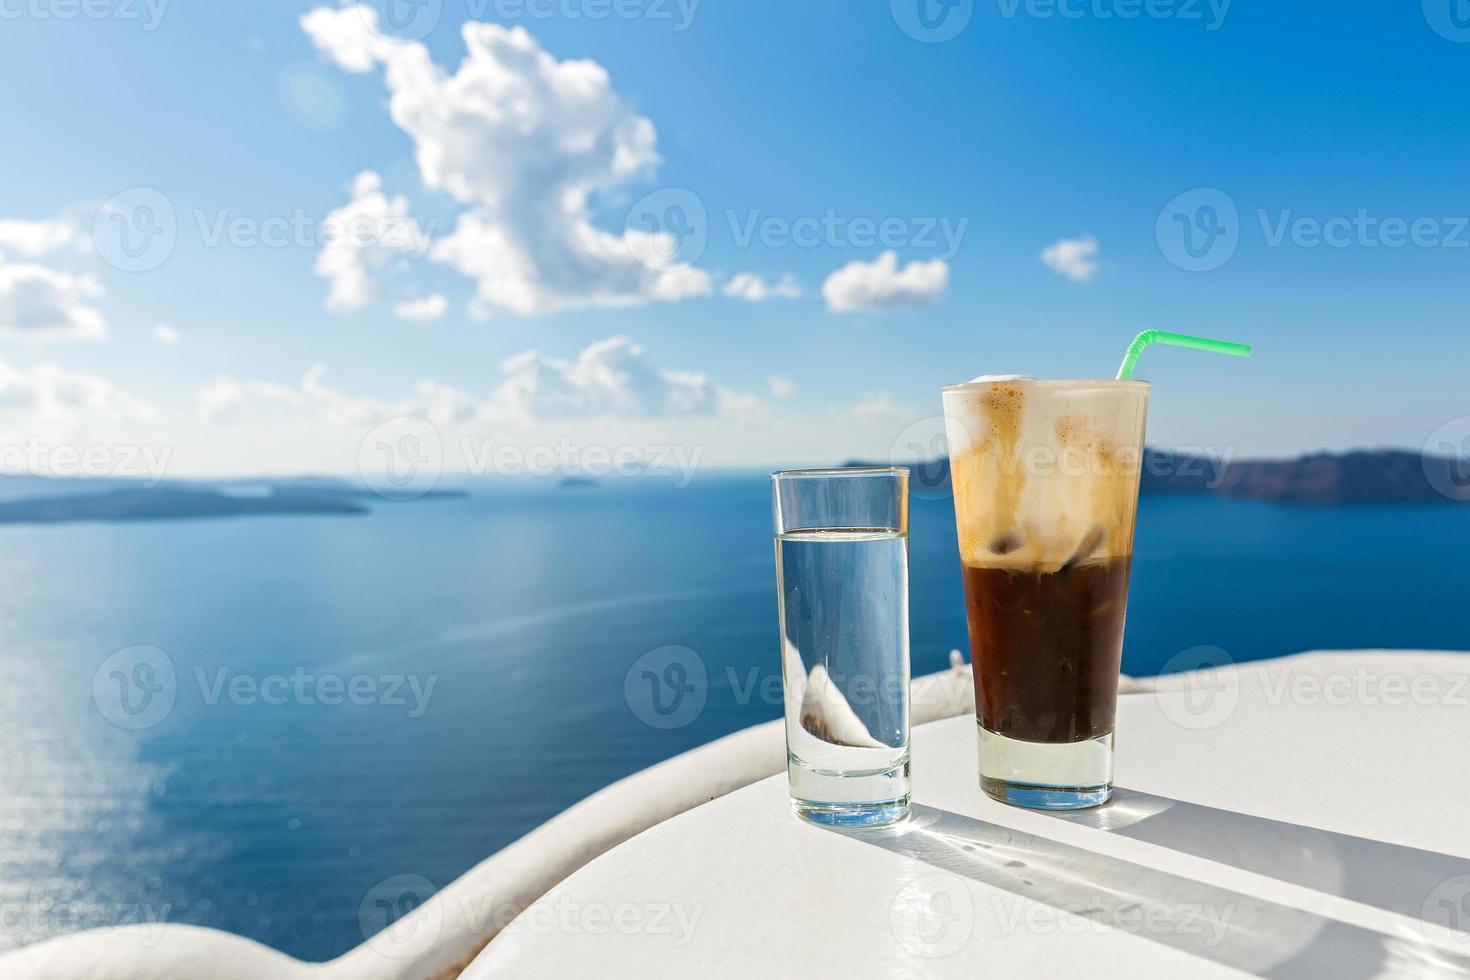 Erfrischungsgetränk am Meer foto